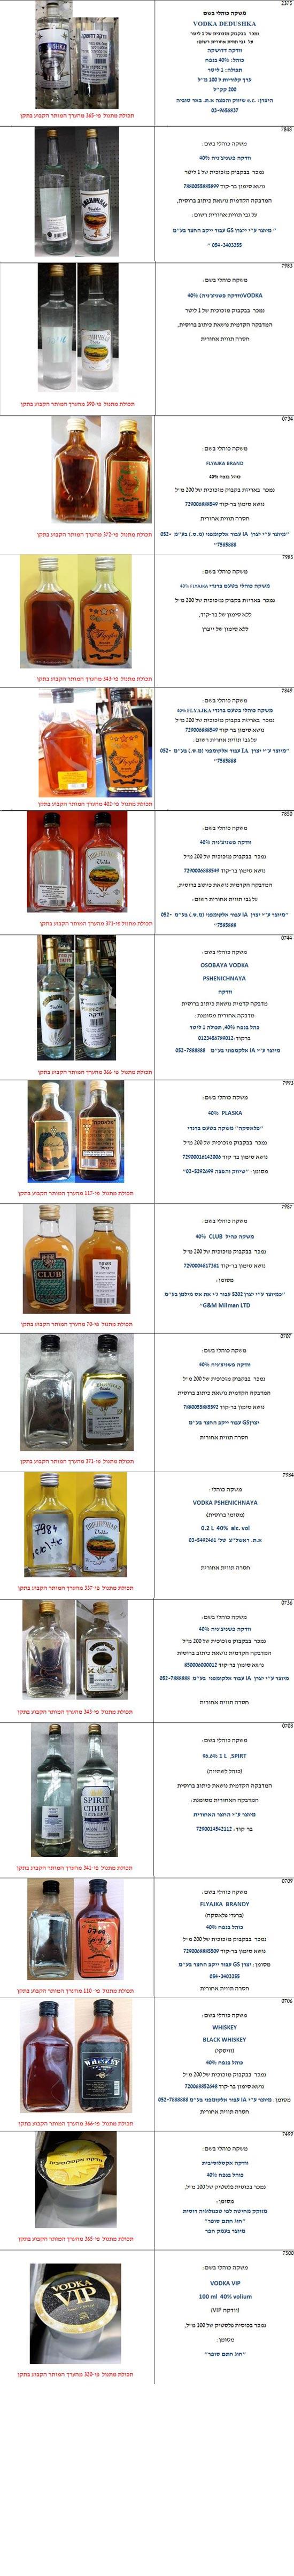 משקאות כוהליים עם חריגות חמורות בתכולת המתנול / הממונה על התקינה במשרד הכלכלה והתעשייה